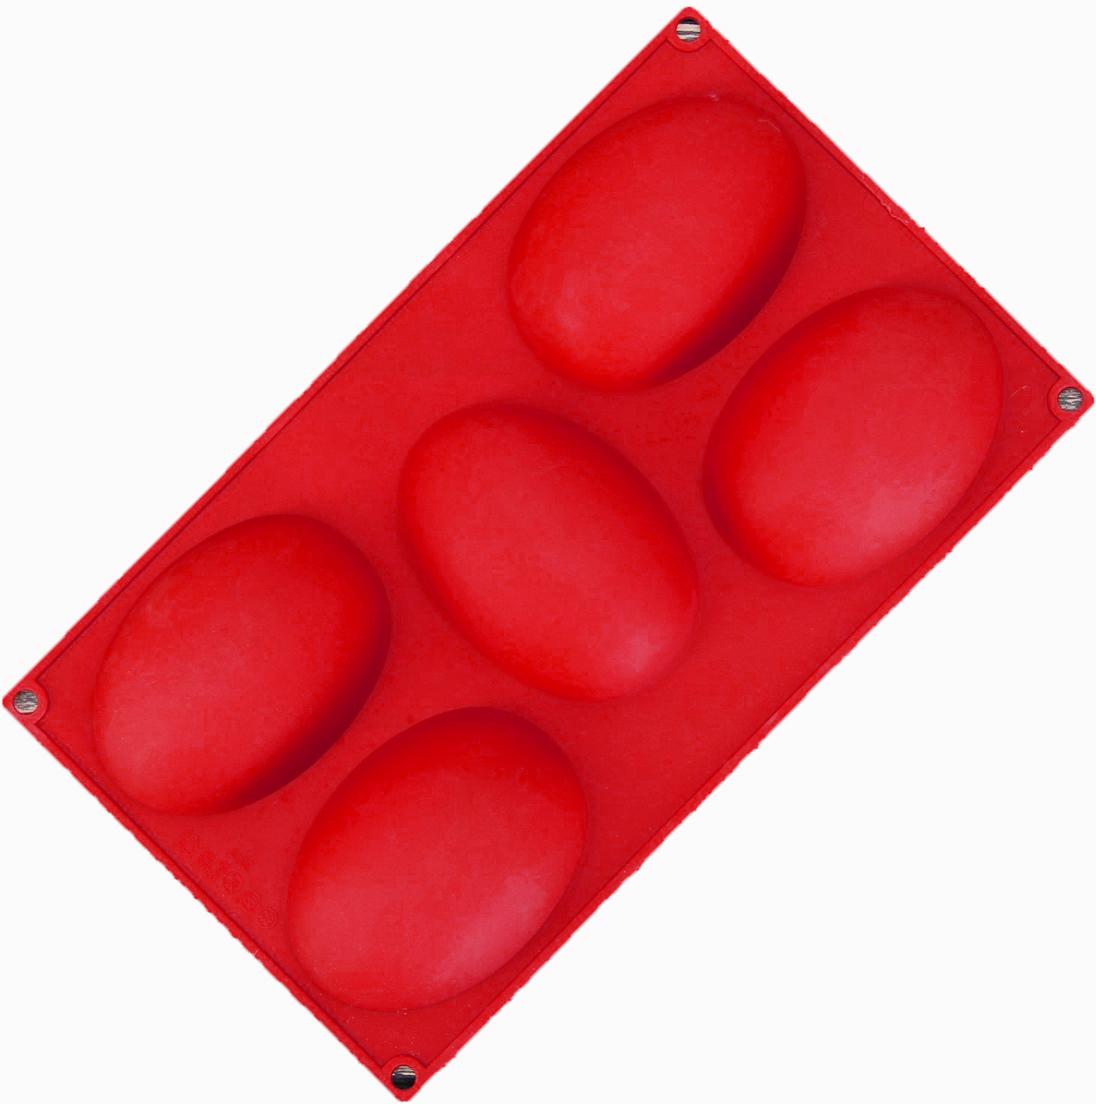 Форма для выпечки Доляна Яйцо, цвет: красный, 5 ячеек, 30 х 17,5 х 3 см2854665_красныйОт качества посуды зависит не только вкус еды, но и здоровье человека. Форма для выпечки— товар, соответствующий российским стандартам качества. Любой хозяйке будет приятно держать его в руках. С нашей посудой и кухонной утварью приготовление еды и сервировка стола превратятся в настоящий праздник.